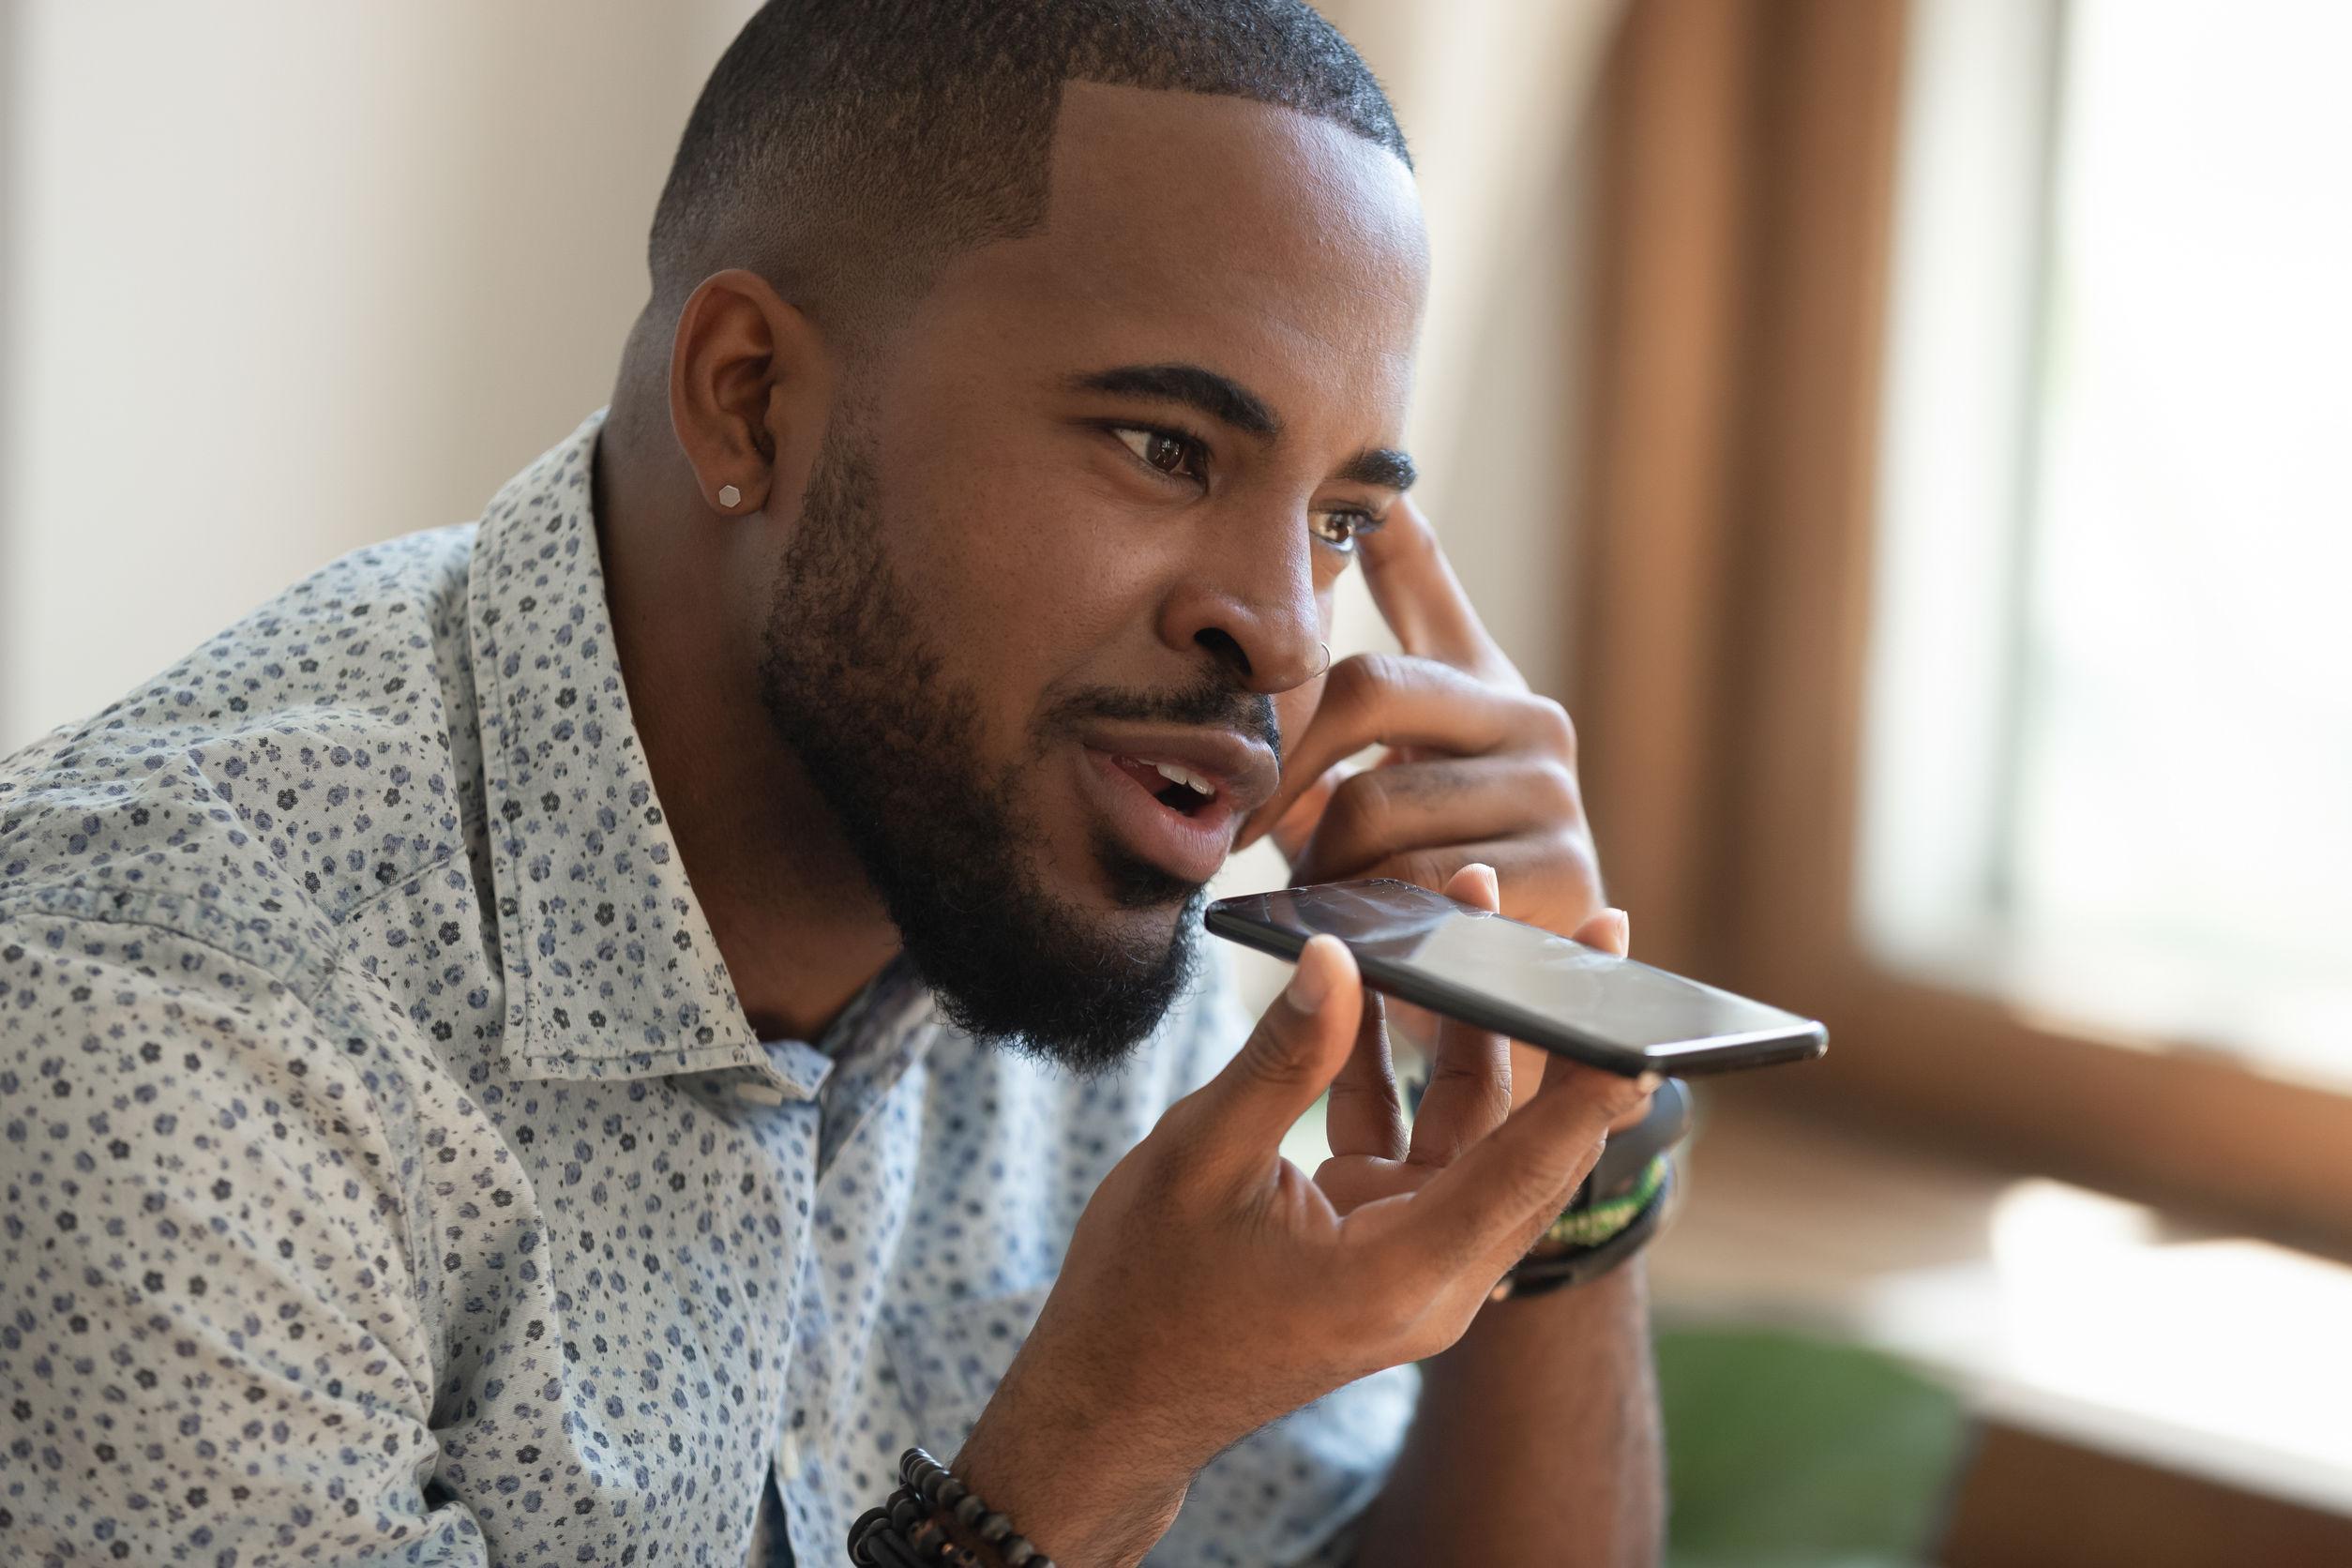 Imagem de um homem utilizando um tradutor portátil.